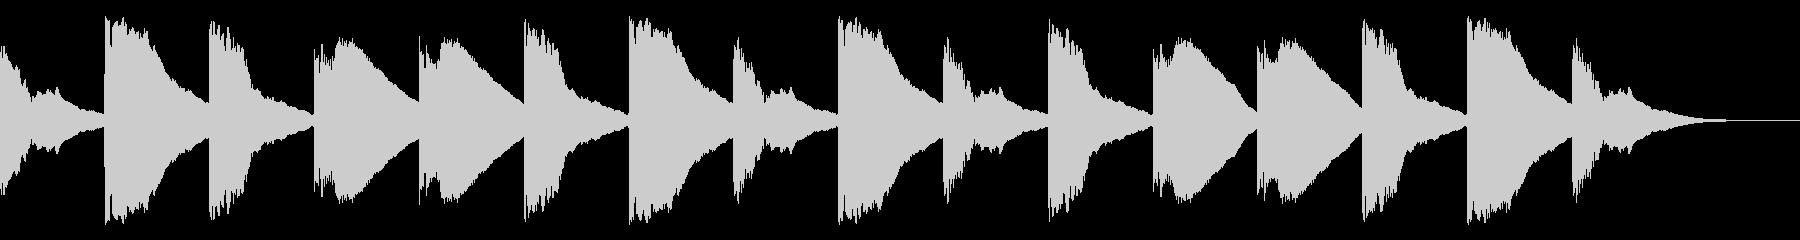 マリンバチャイム(ウエストミンスター)の未再生の波形